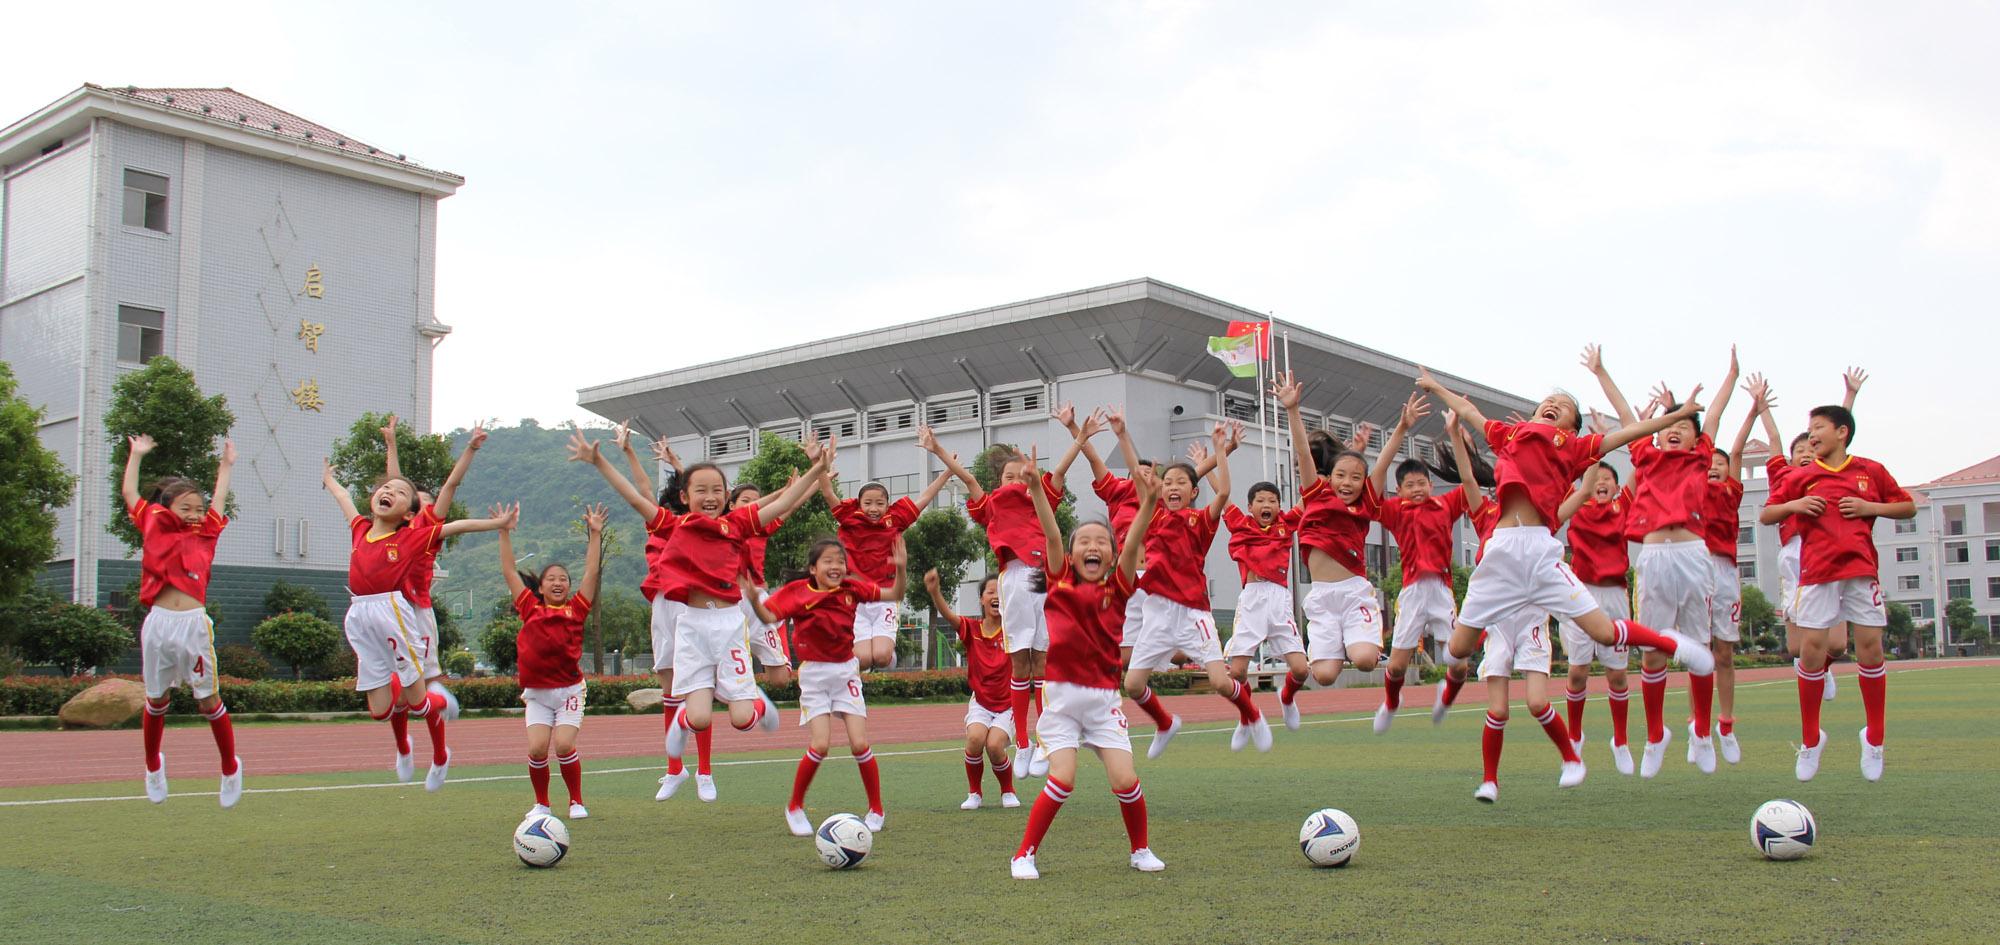 快乐足球 放飞梦想